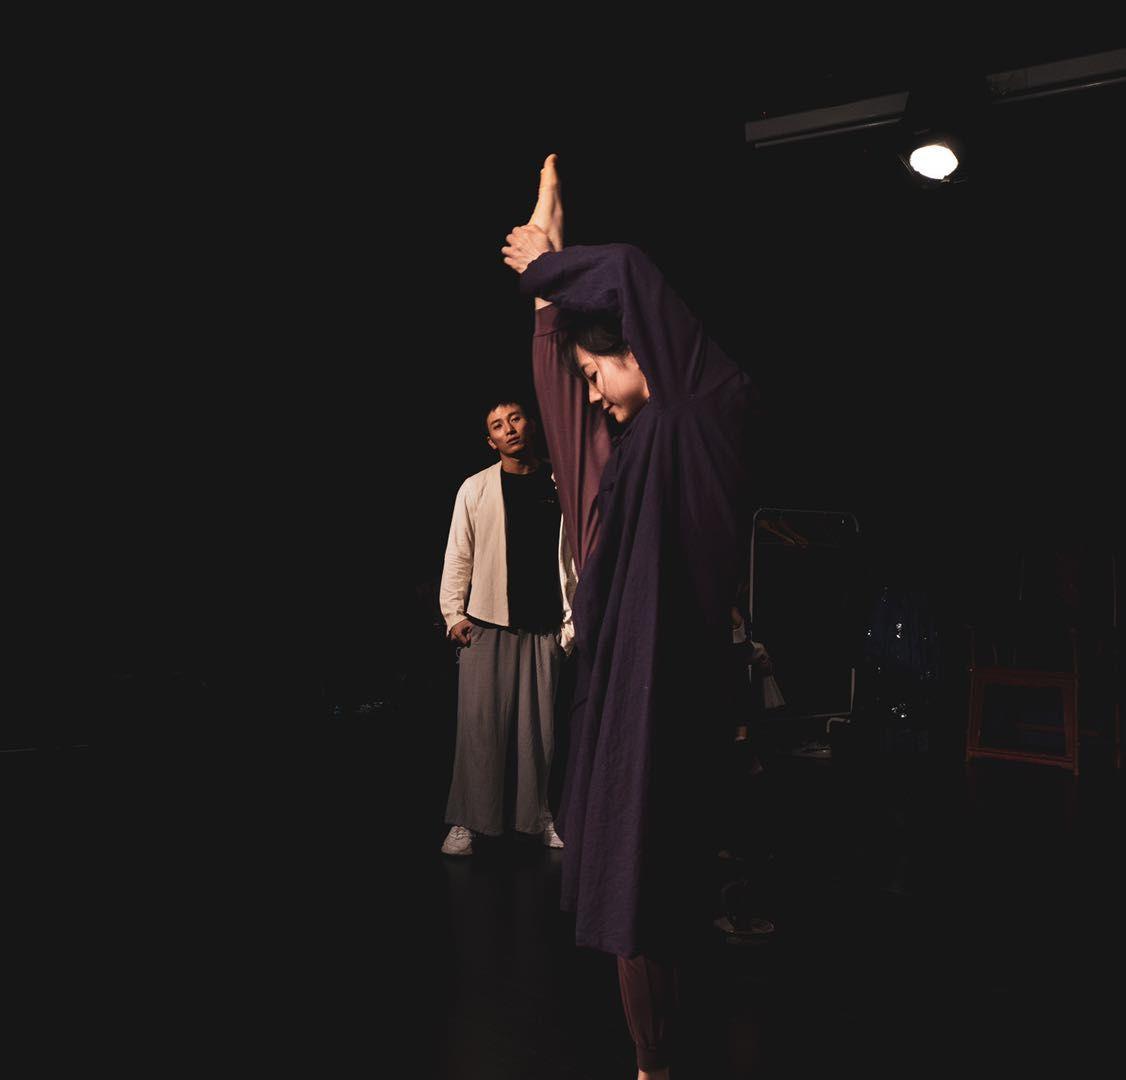 [杏悦]中间剧场8机位首次杏悦探索线上戏图片